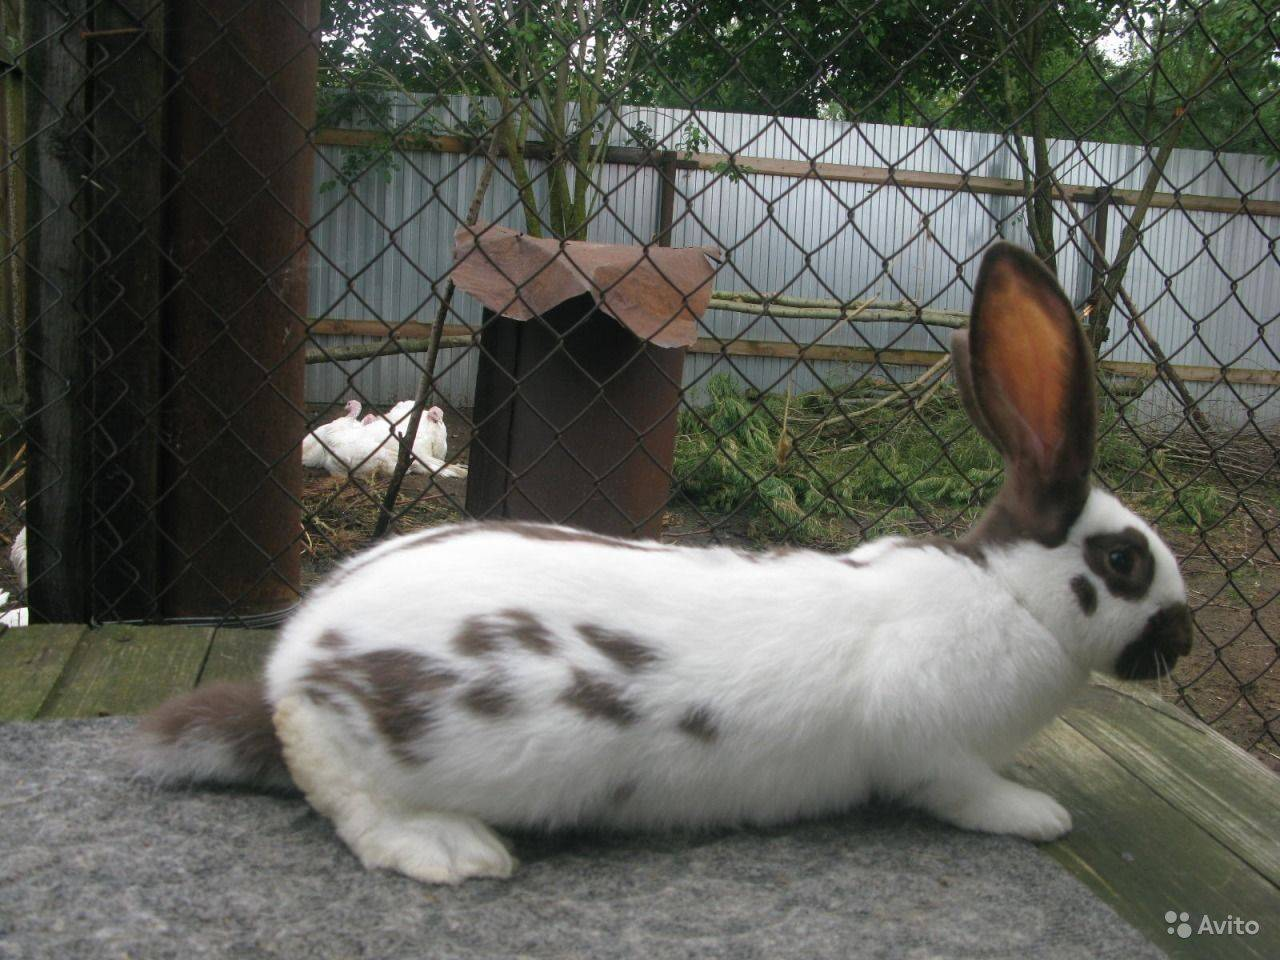 Кролик строкач: описание породы, характеристики, фото